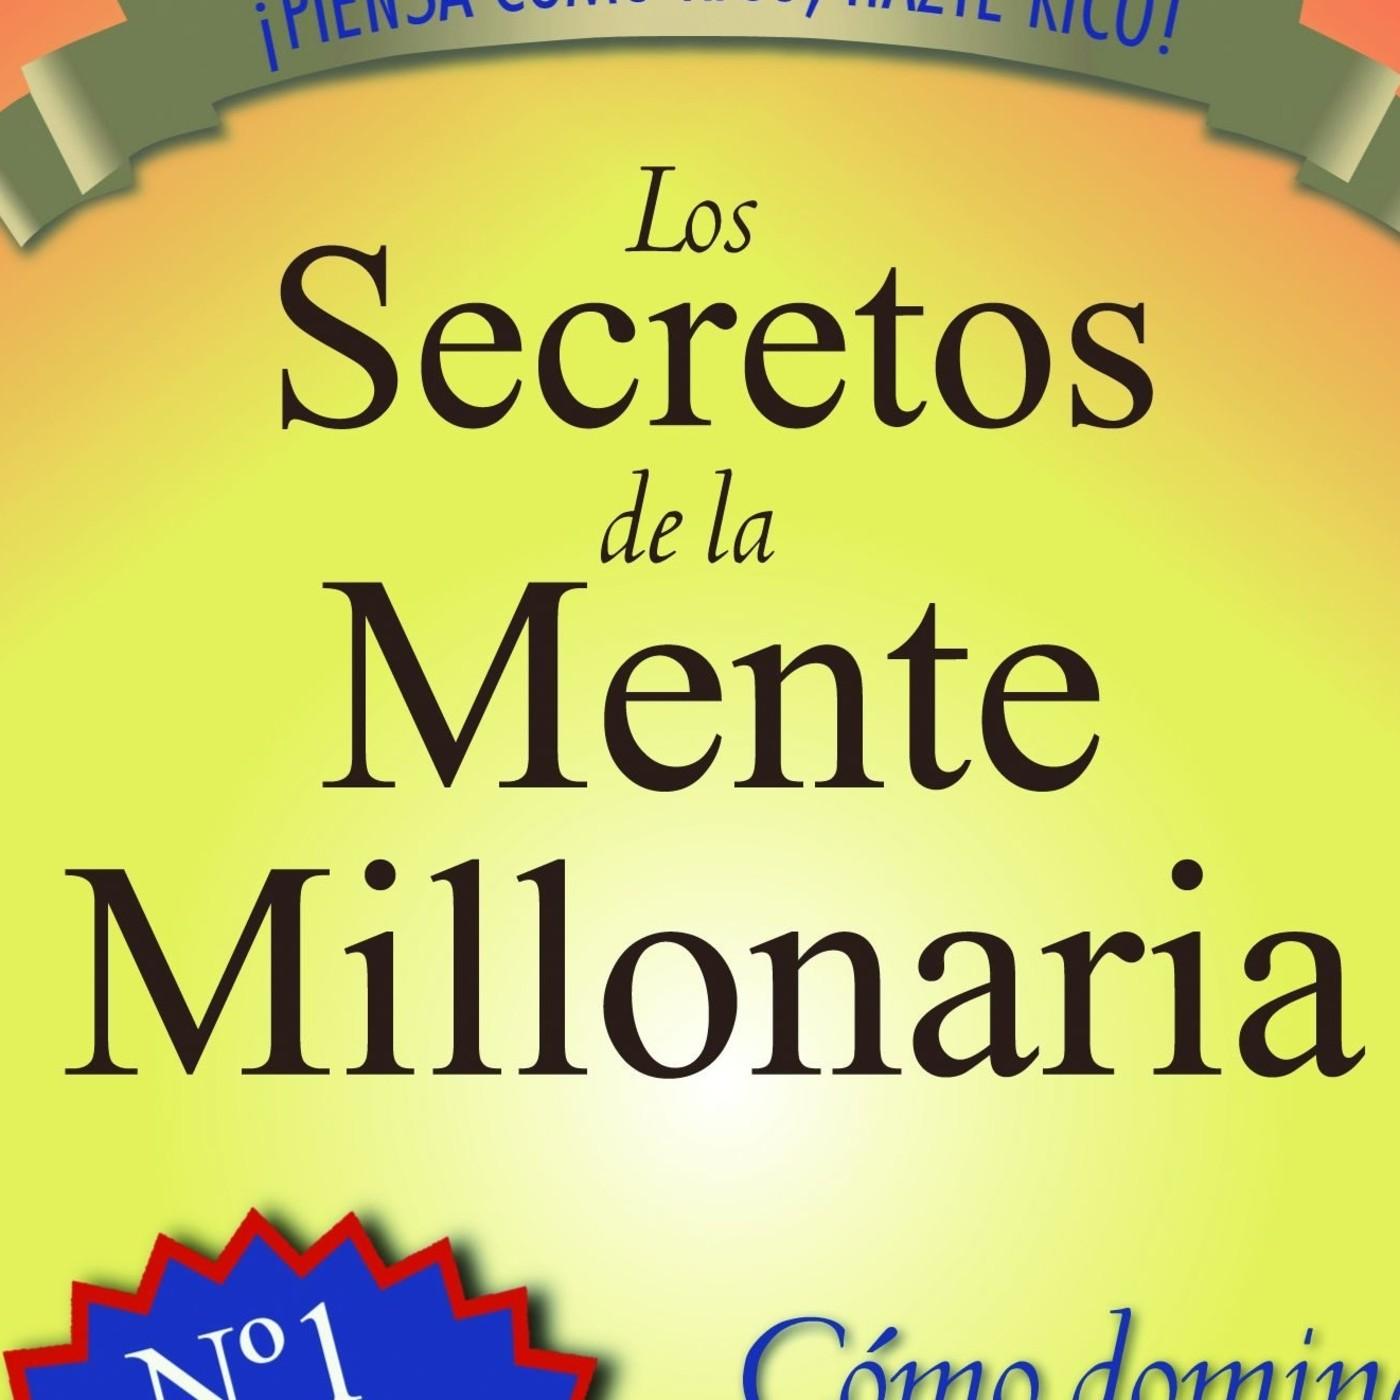 Los secretos de la mente millonaria en evolucionando e3 - Libros para relajar la mente ...